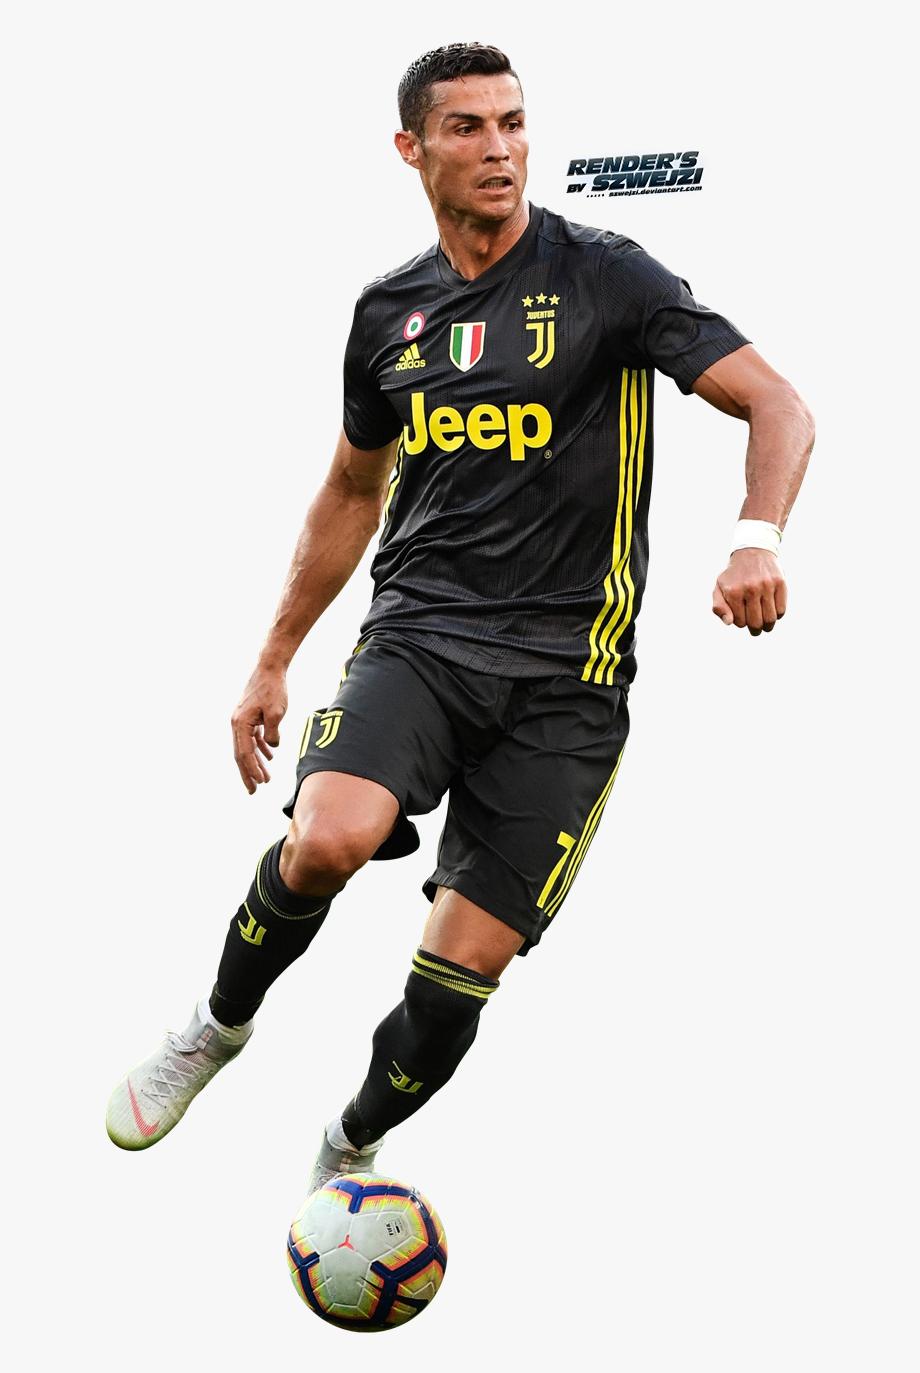 C Ronaldo Juventus Png , Transparent Cartoon, Free Cliparts.